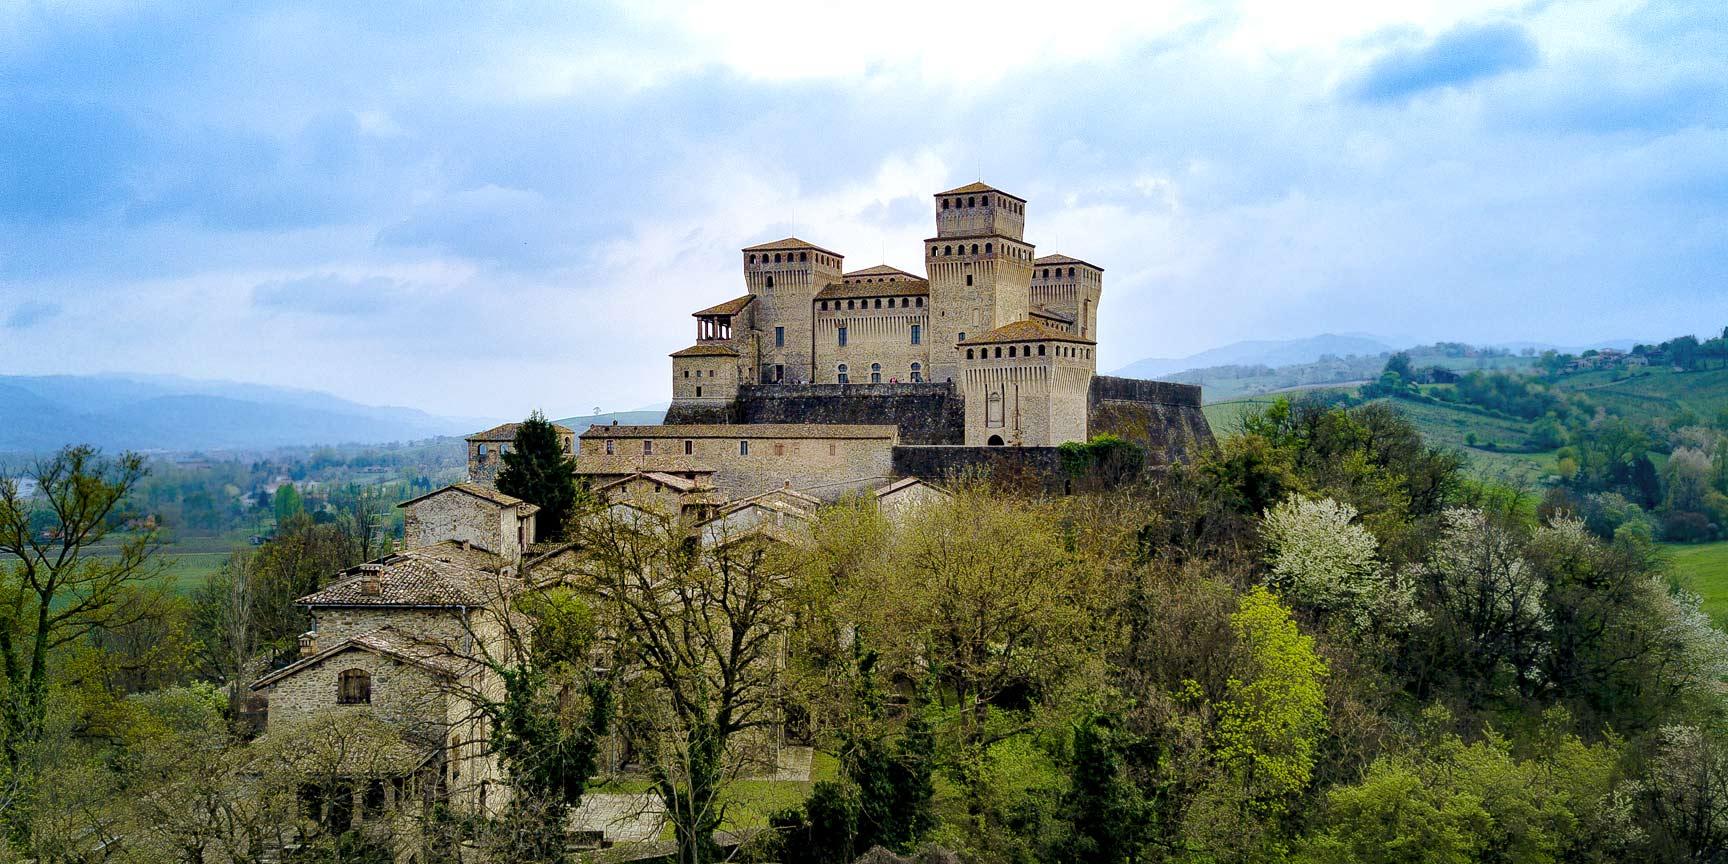 castella-di-torrechiara-foto-di-gigi-filice